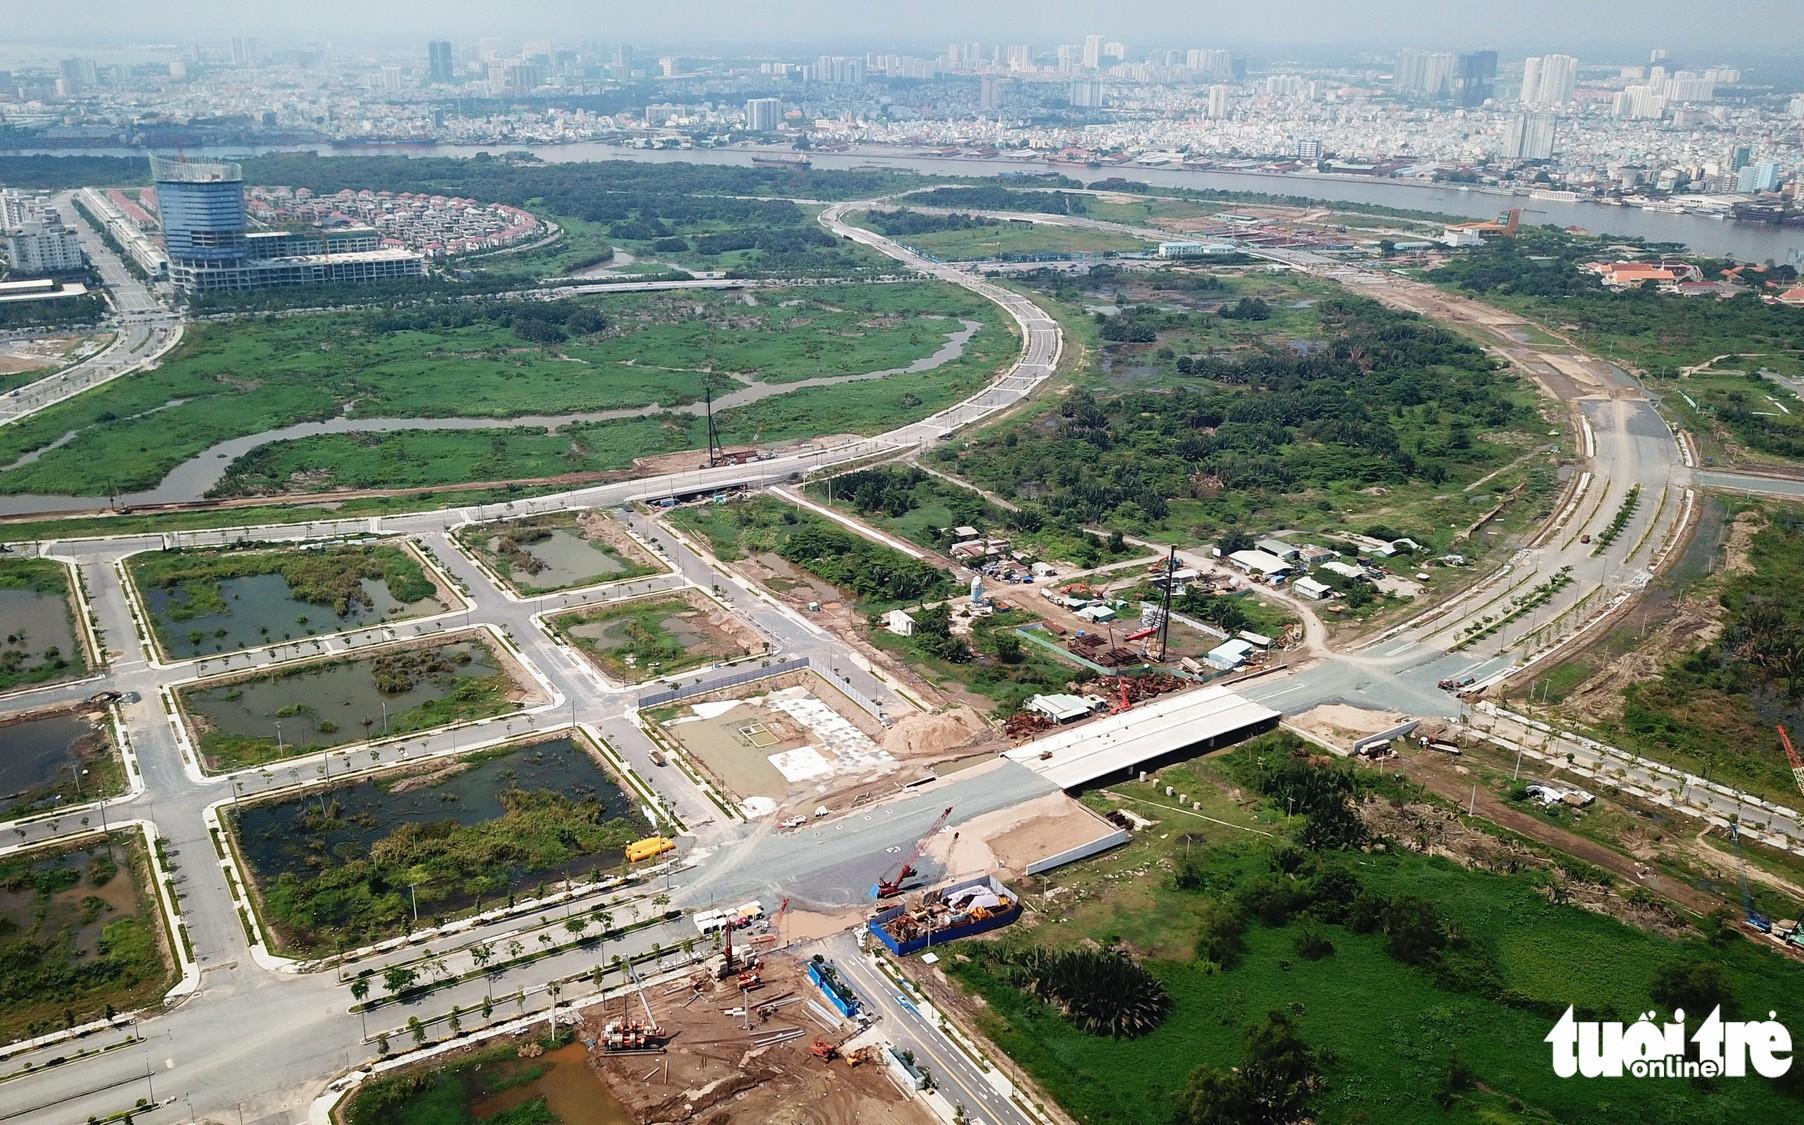 Cận cảnh 4 tuyến đường giá 'khủng' 12.000 tỉ ở Thủ Thiêm